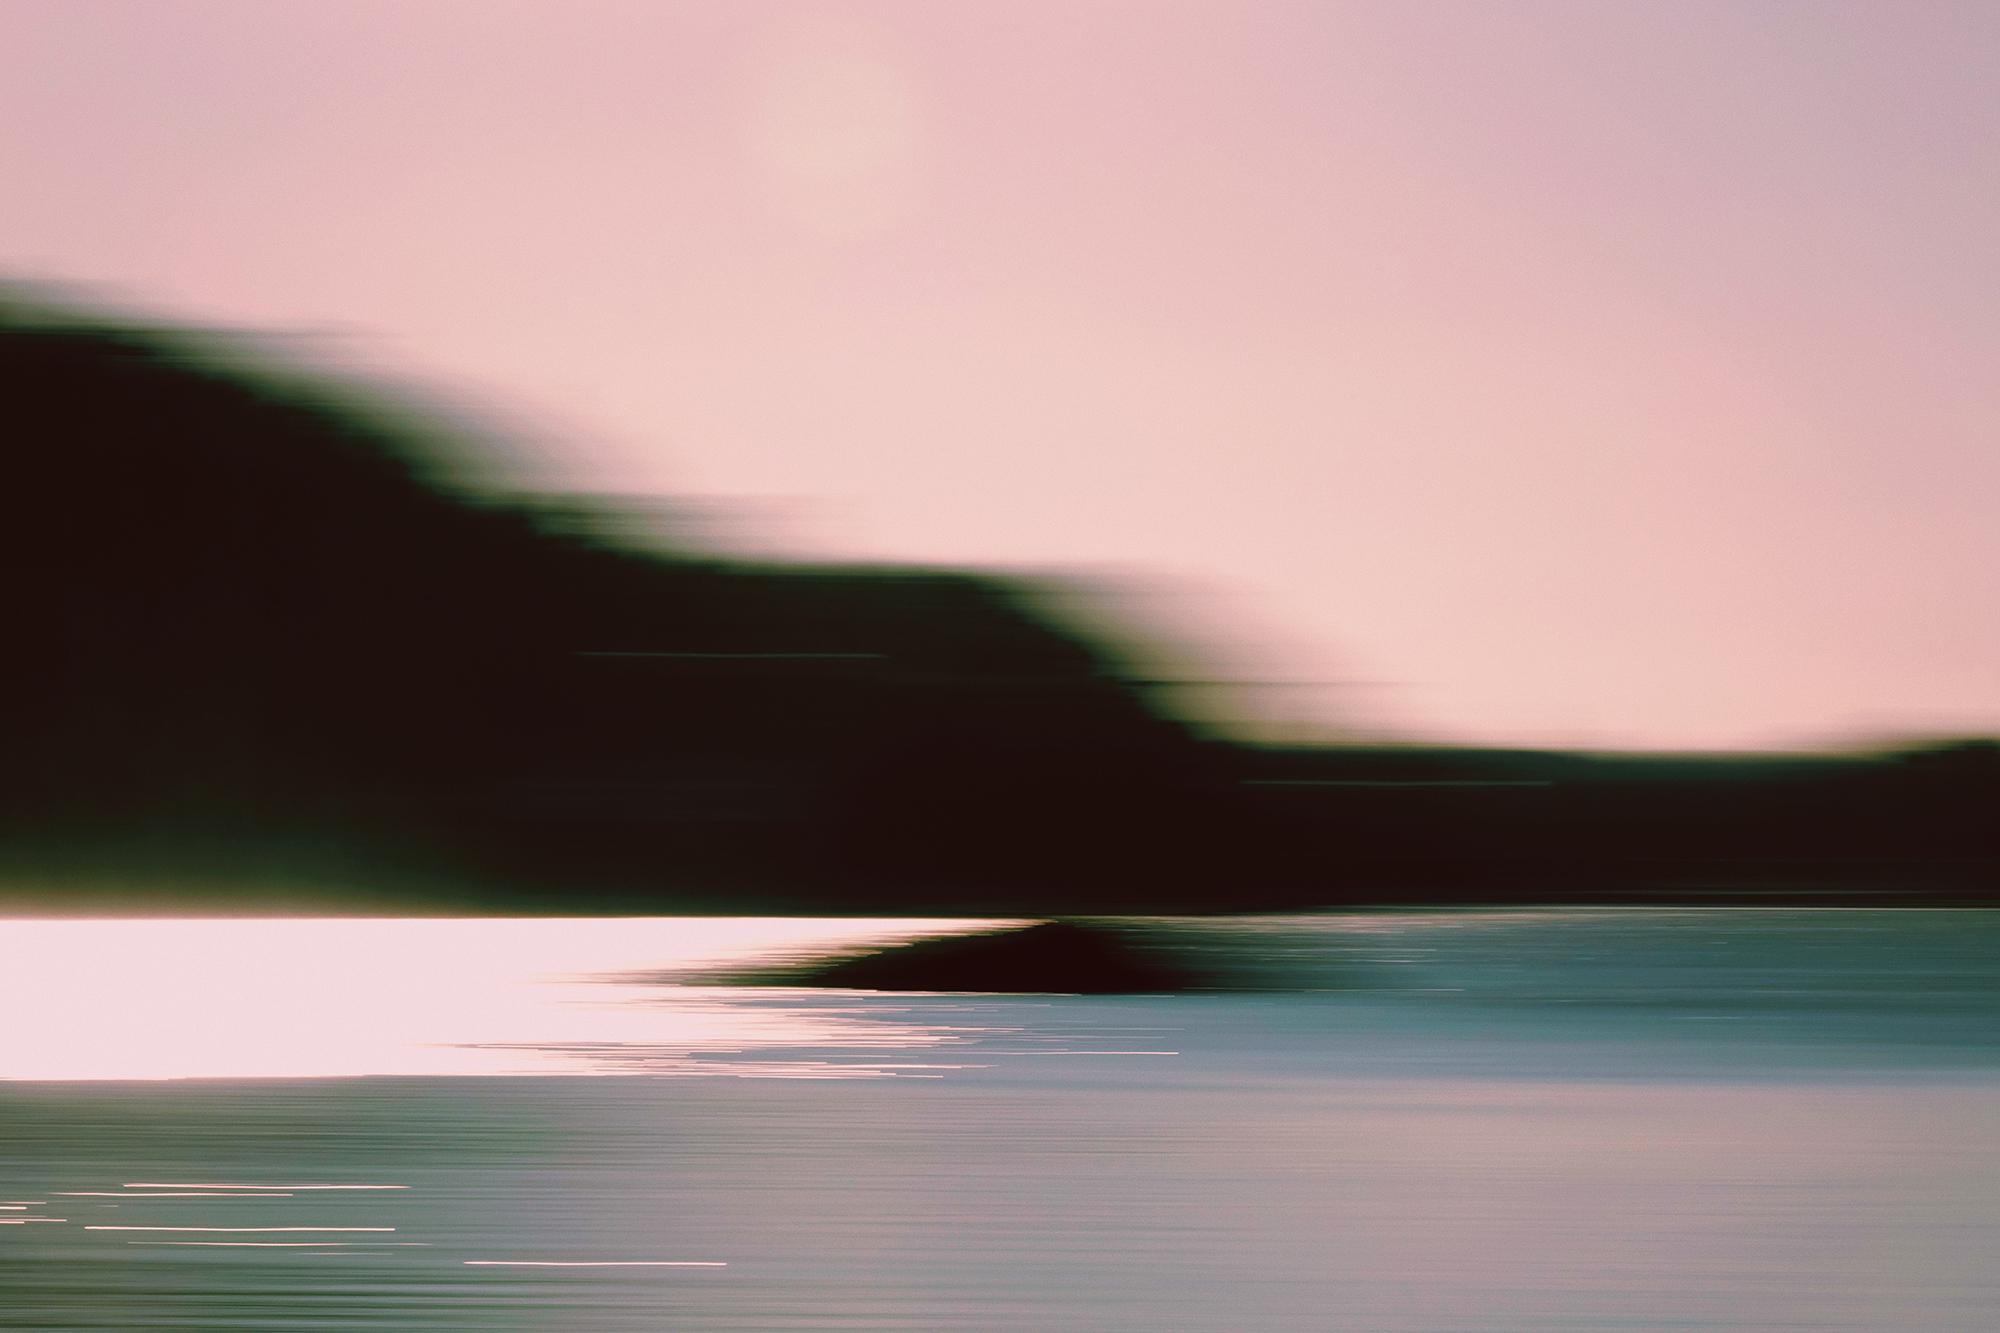 daydream, Margarita Sheremet Photography